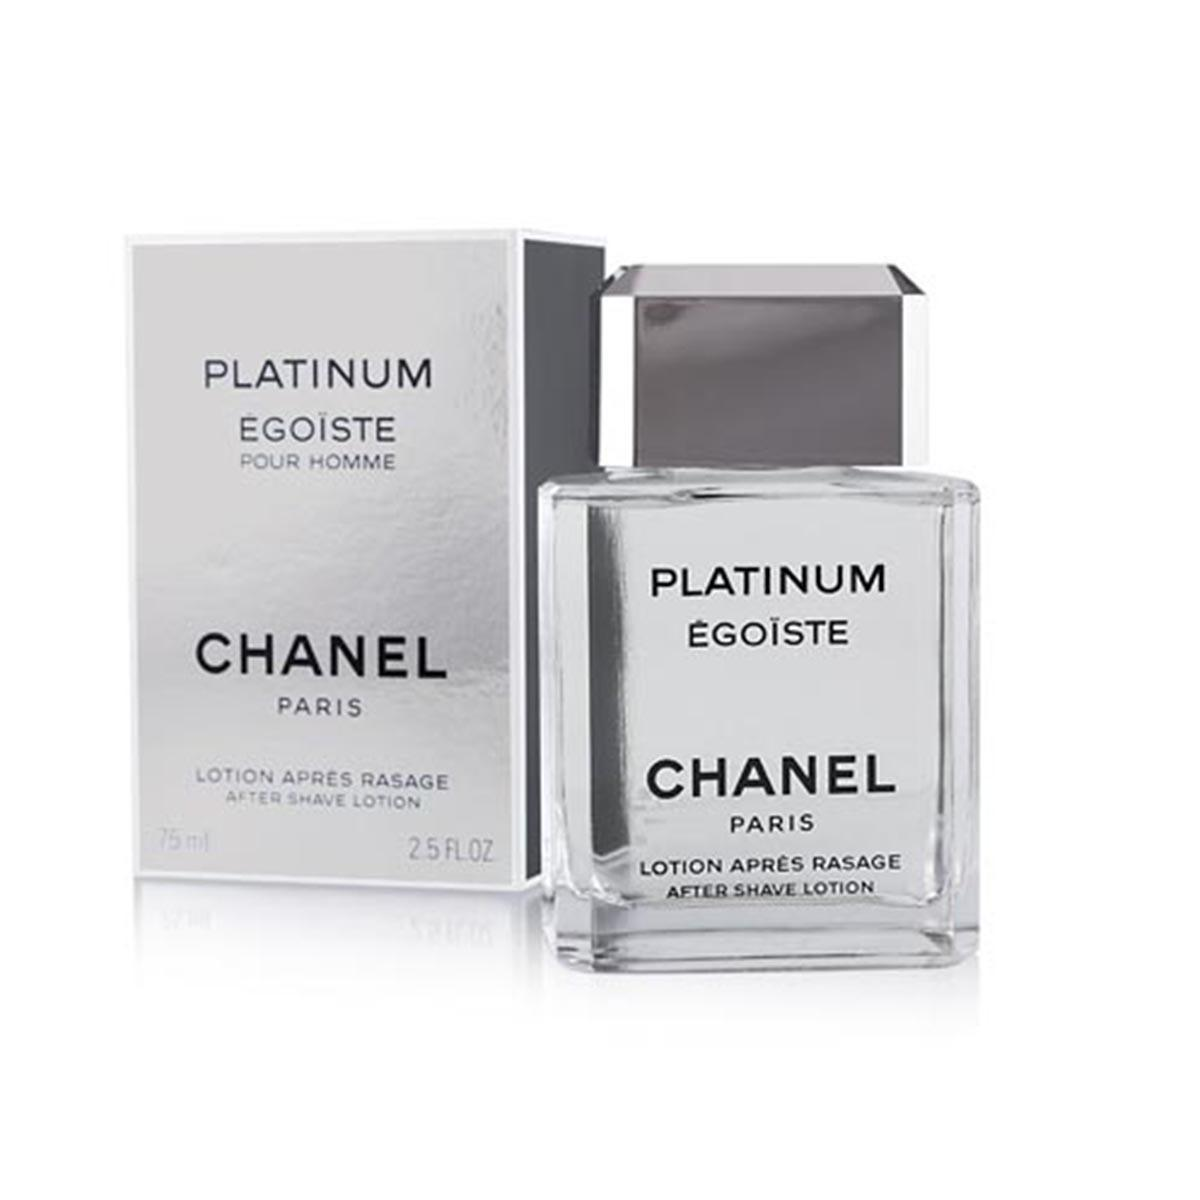 Chanel fragrances Egoiste Platinum After Shave 75ml 1108bb1364d4